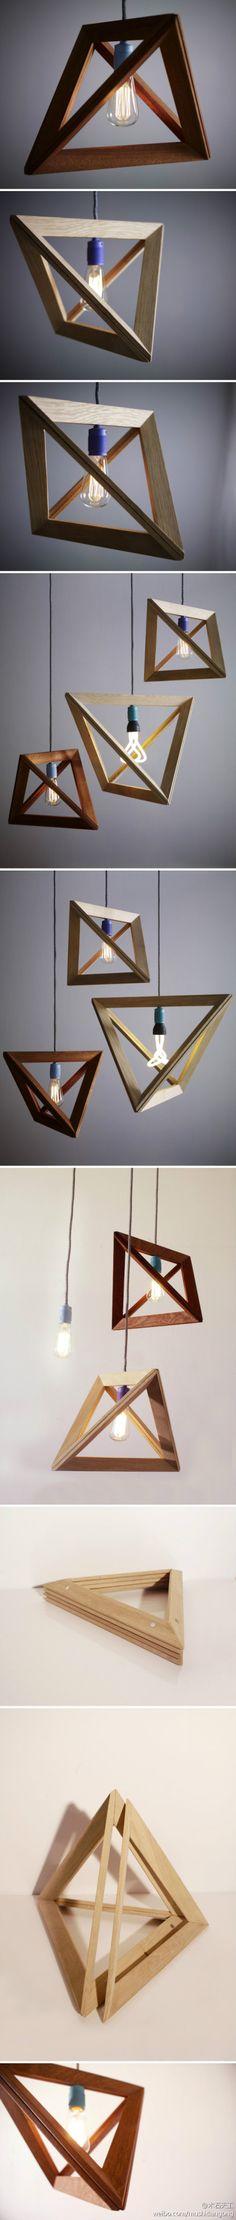 德国设计师...来自木石天工的图片分享-堆糖